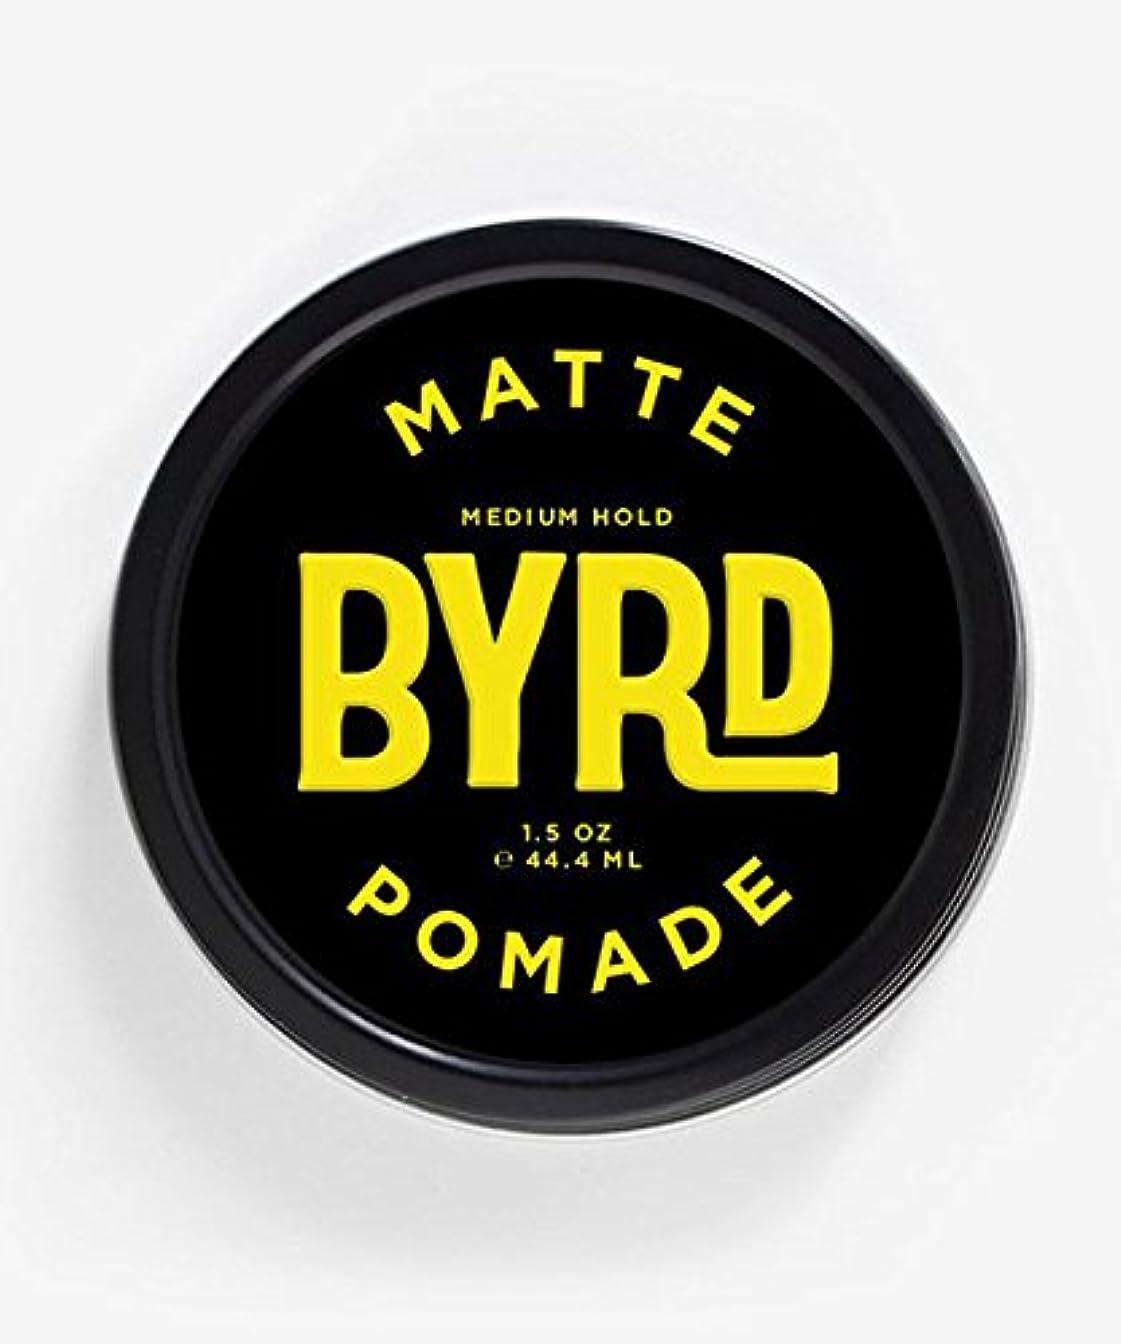 失望させるサンダース節約するBYRD(バード) マットポマード 42g